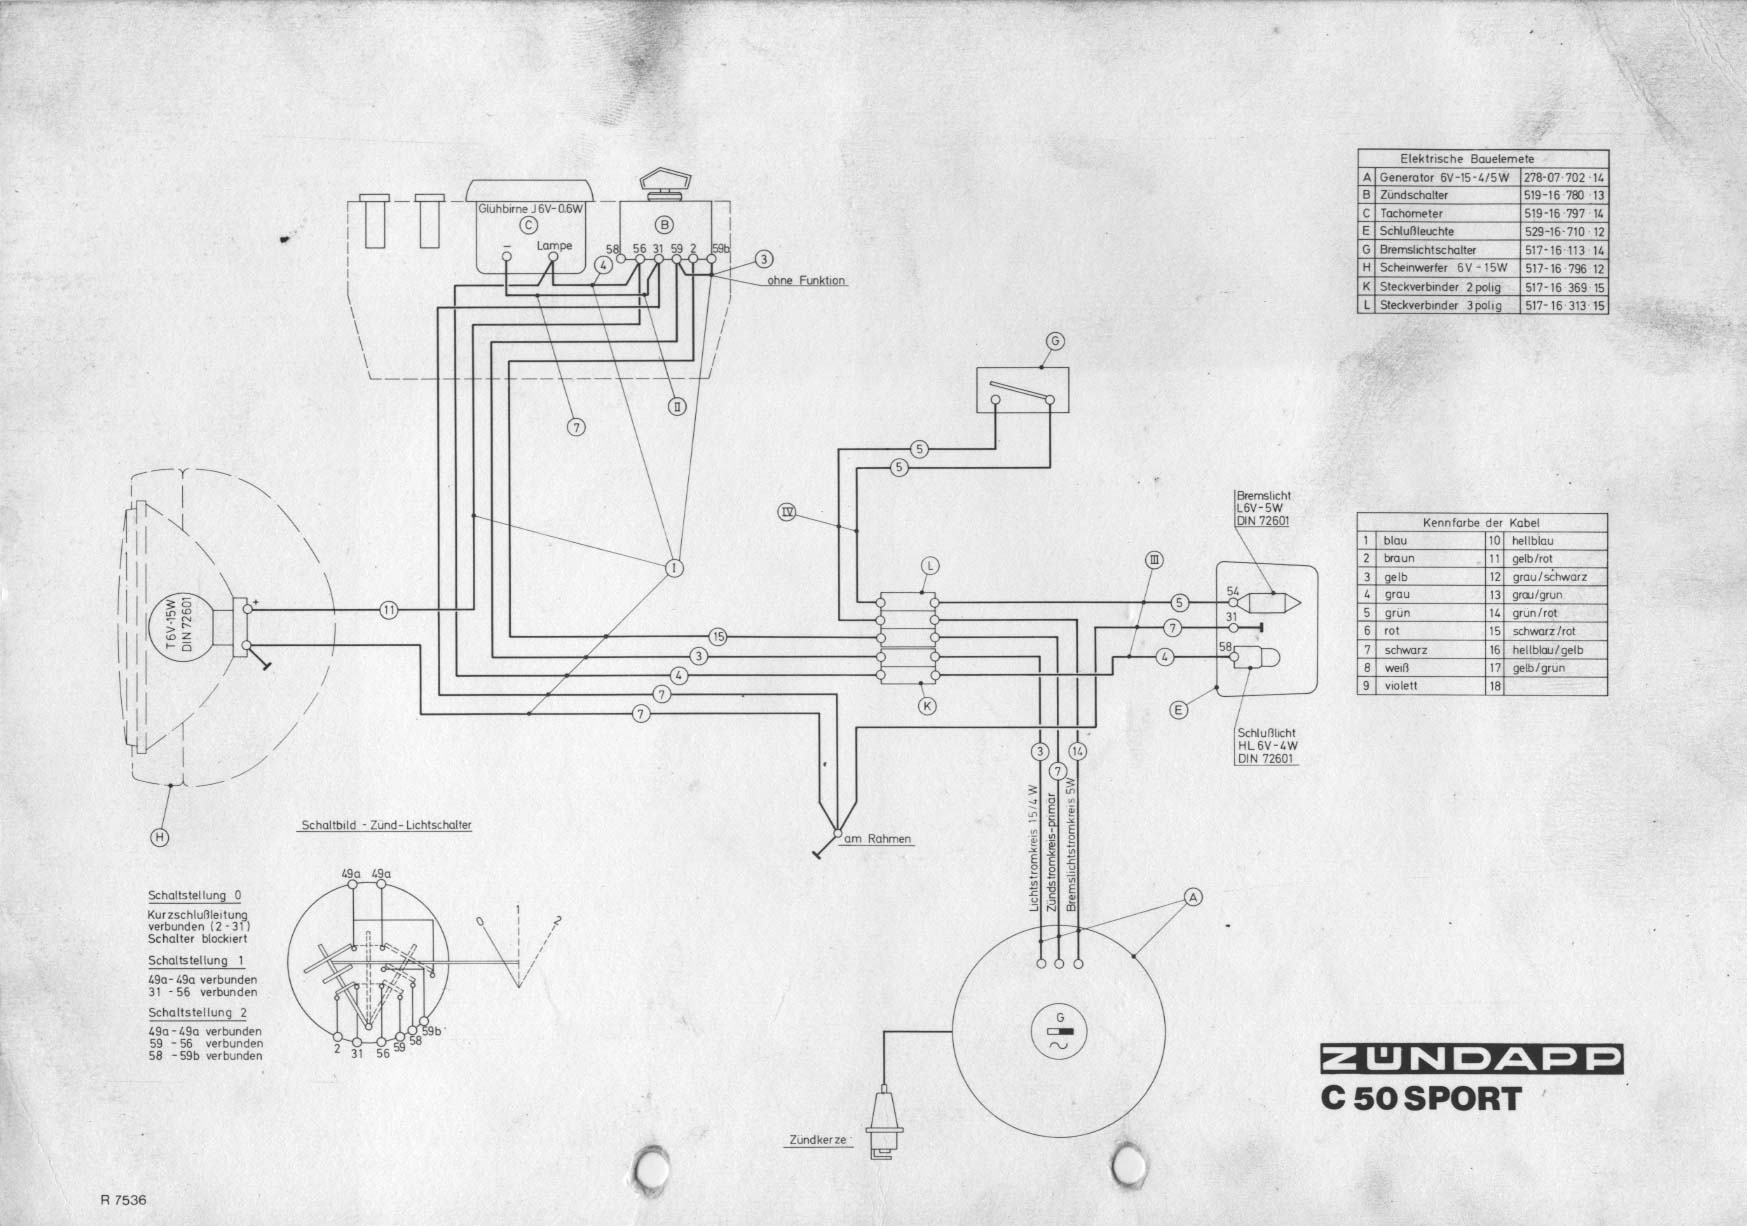 Erfreut Elektrisches Diagramm Des Wechselstromgenerators Bilder ...